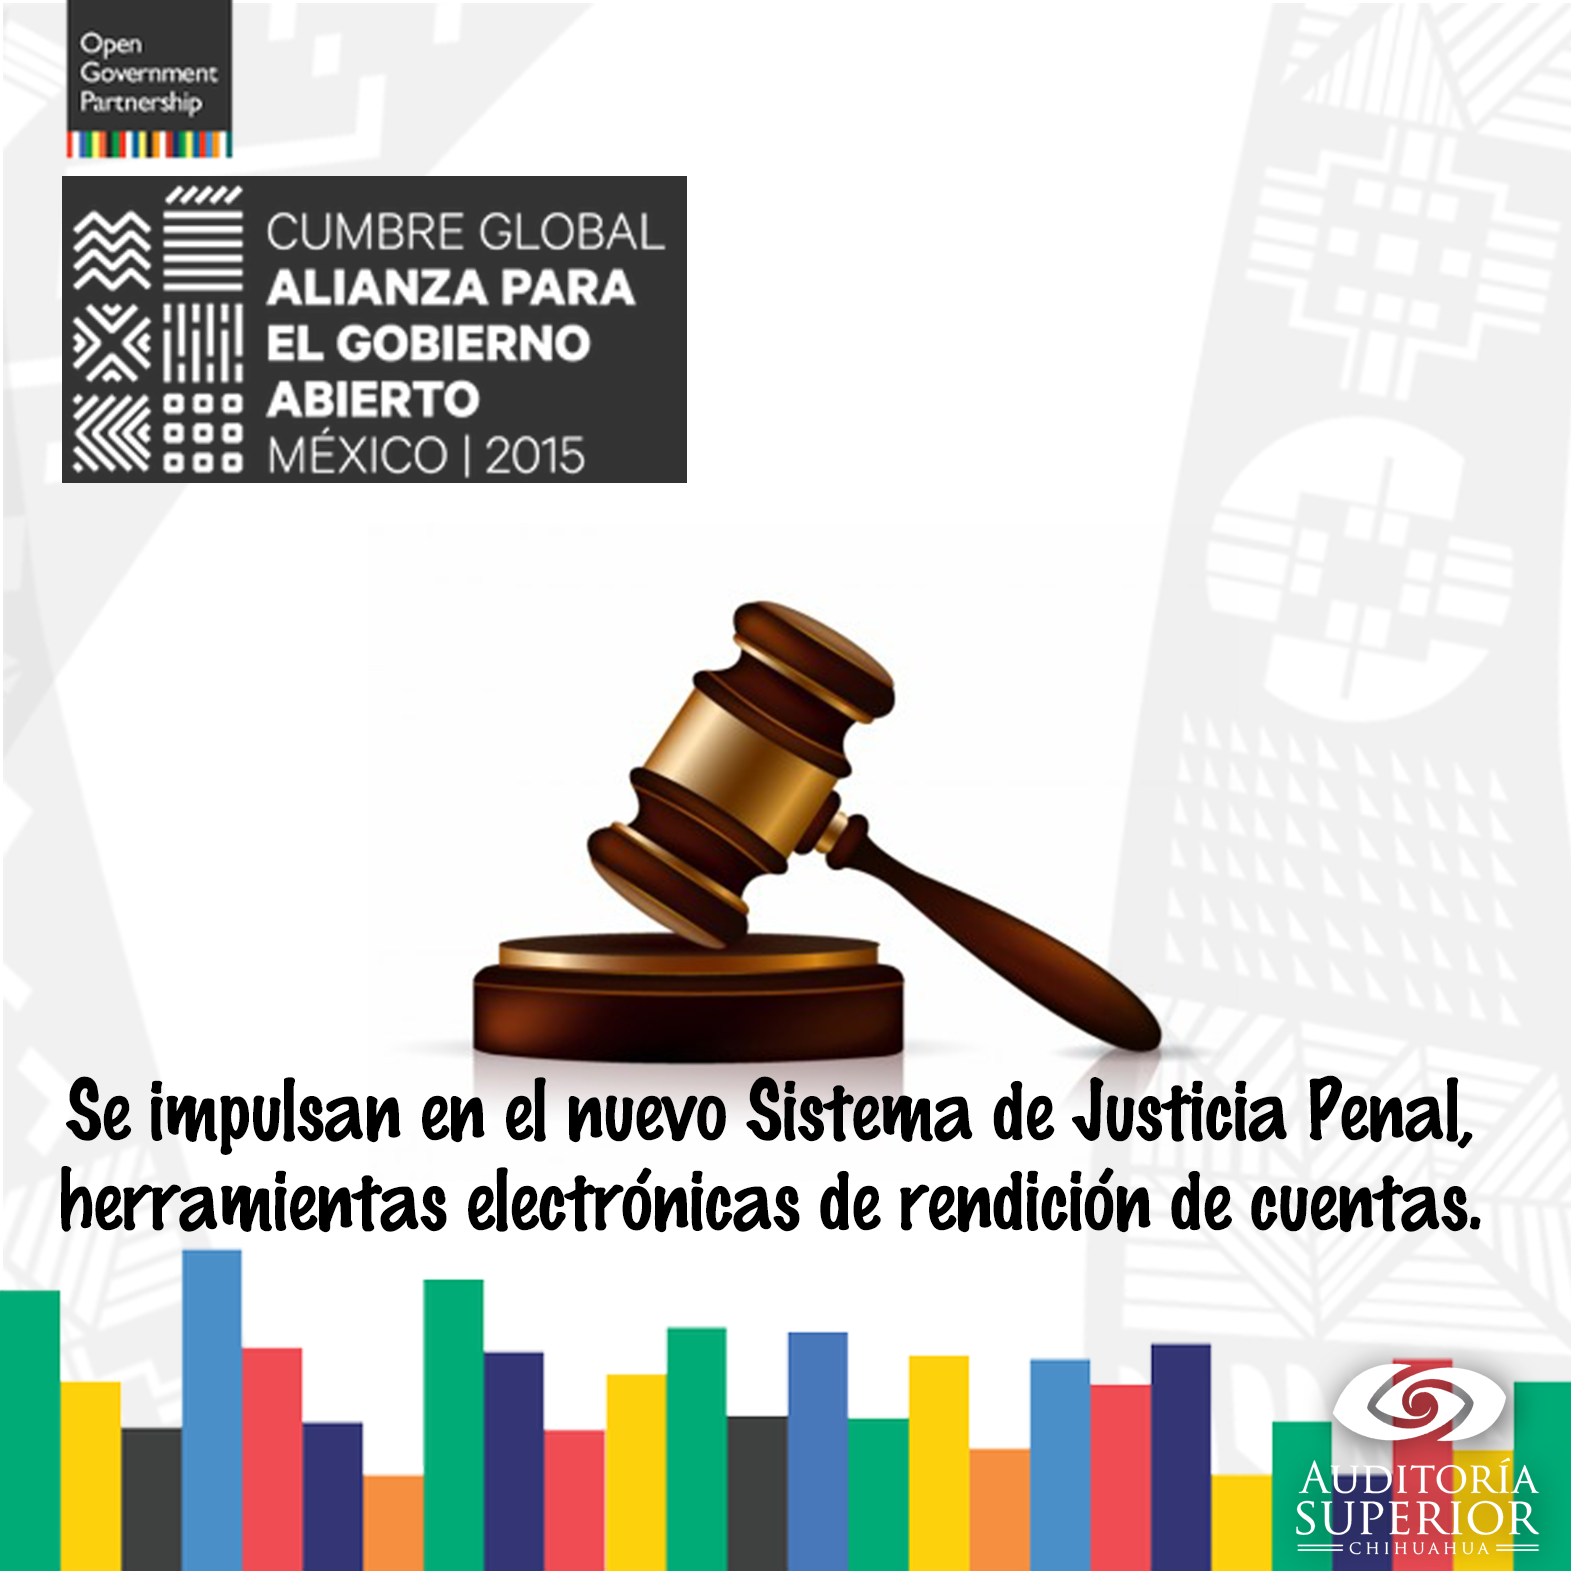 Proyectos #GobiernoAbierto 2016-2018:  Se transparenten los procesos del Nuevo Sistema de Justicia Penal. https://t.co/cLkwwvYS4V